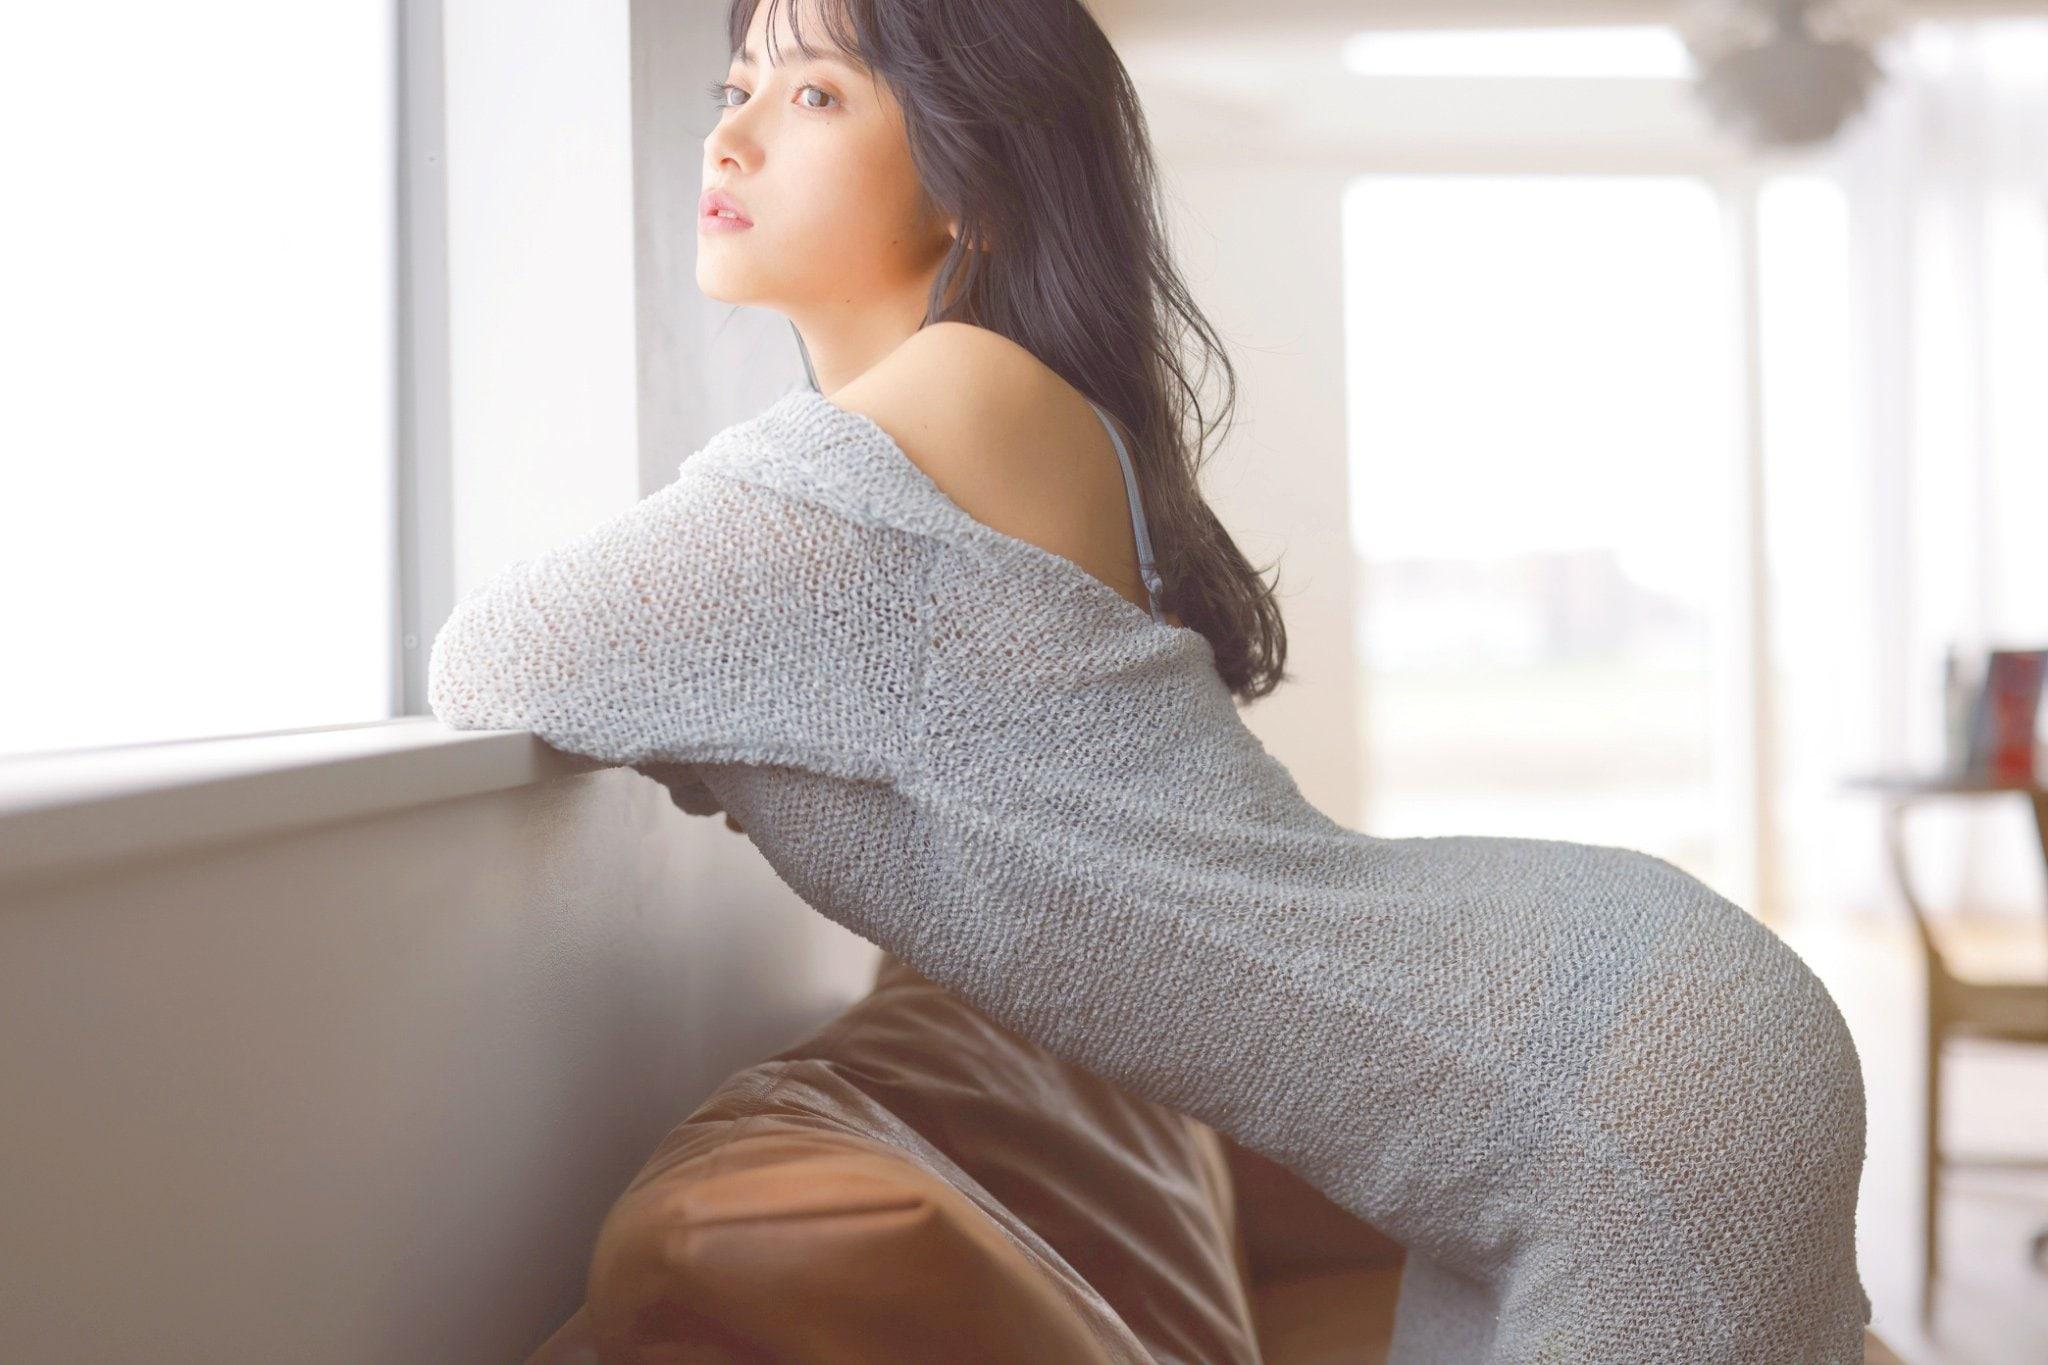 桃月なしこ「大人セクシー」『FRIDAY』グラビアのアザーカット公開!【画像6枚】の画像002